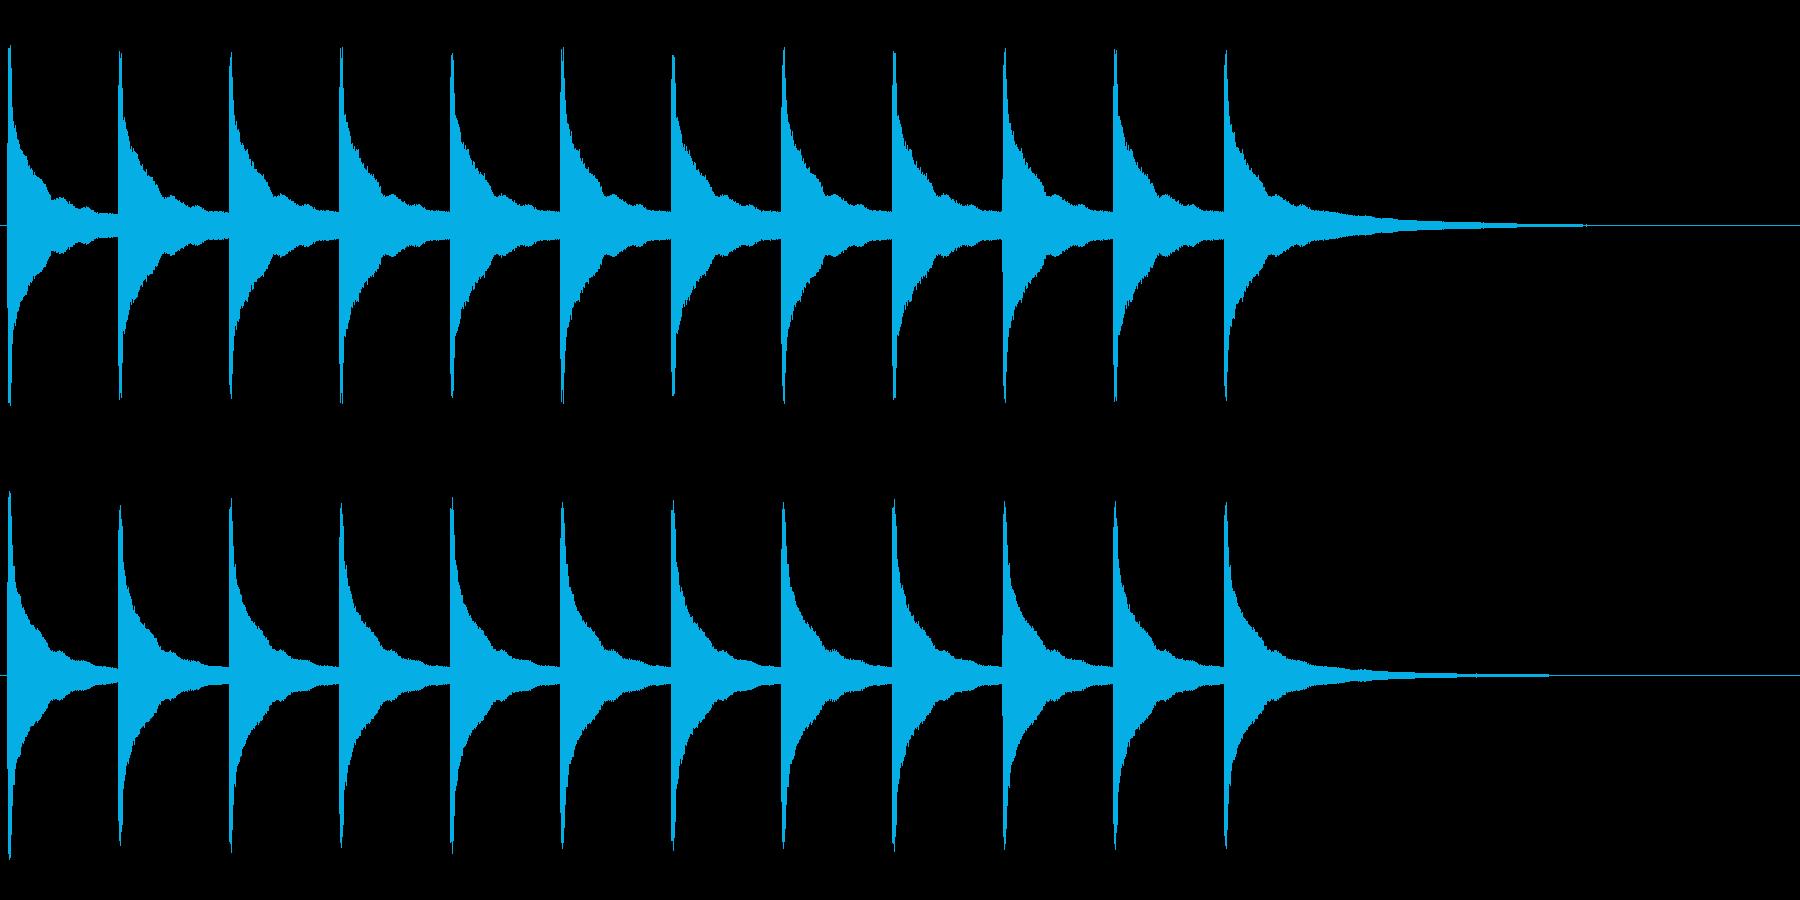 振り子時計 時報-2 チーンチーンの再生済みの波形